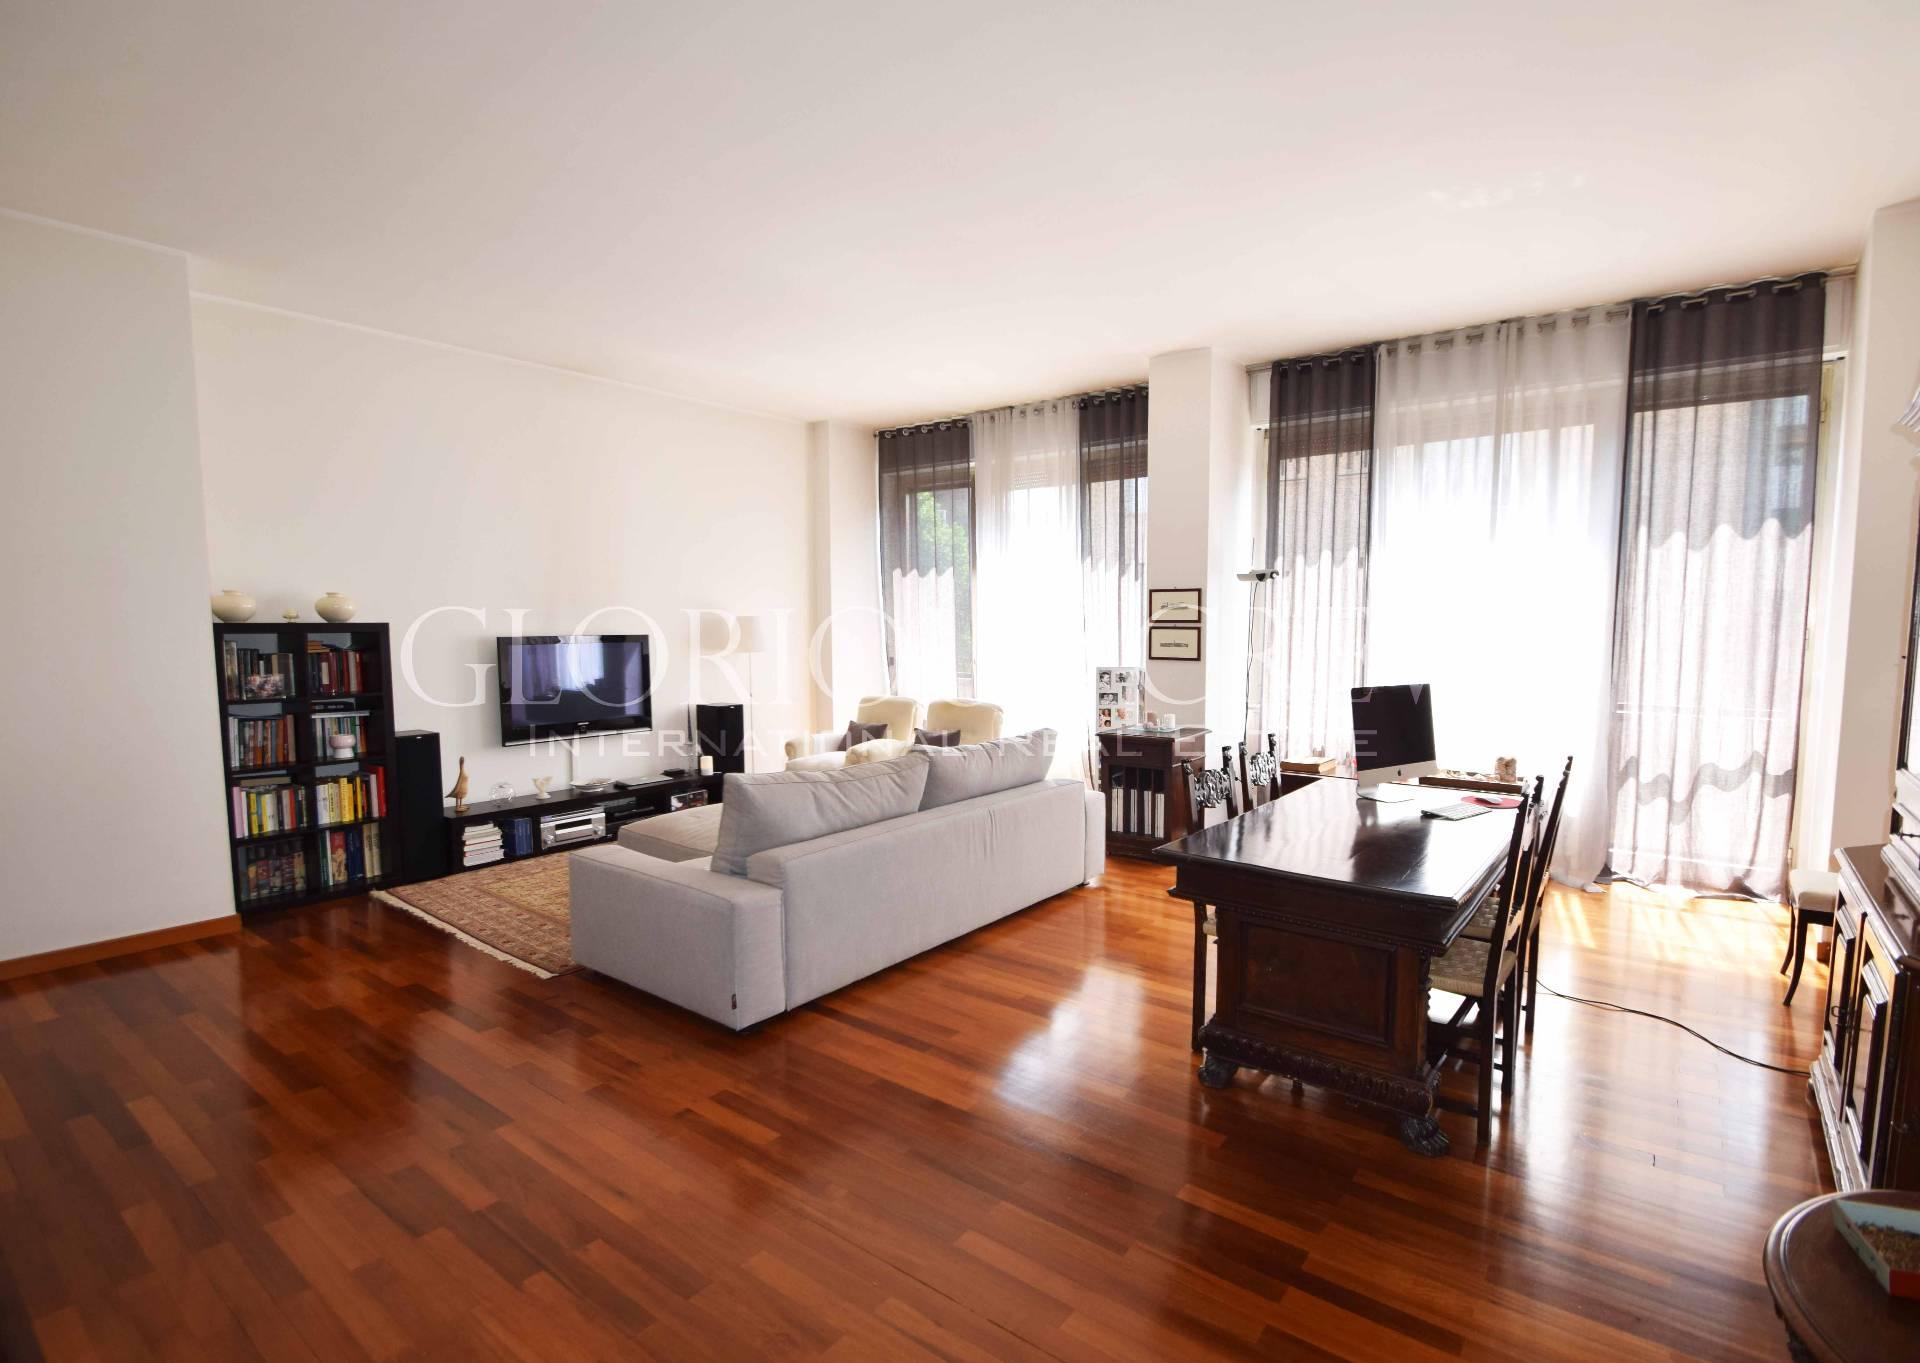 Appartamento in Vendita a Milano: 4 locali, 165 mq - Foto 2